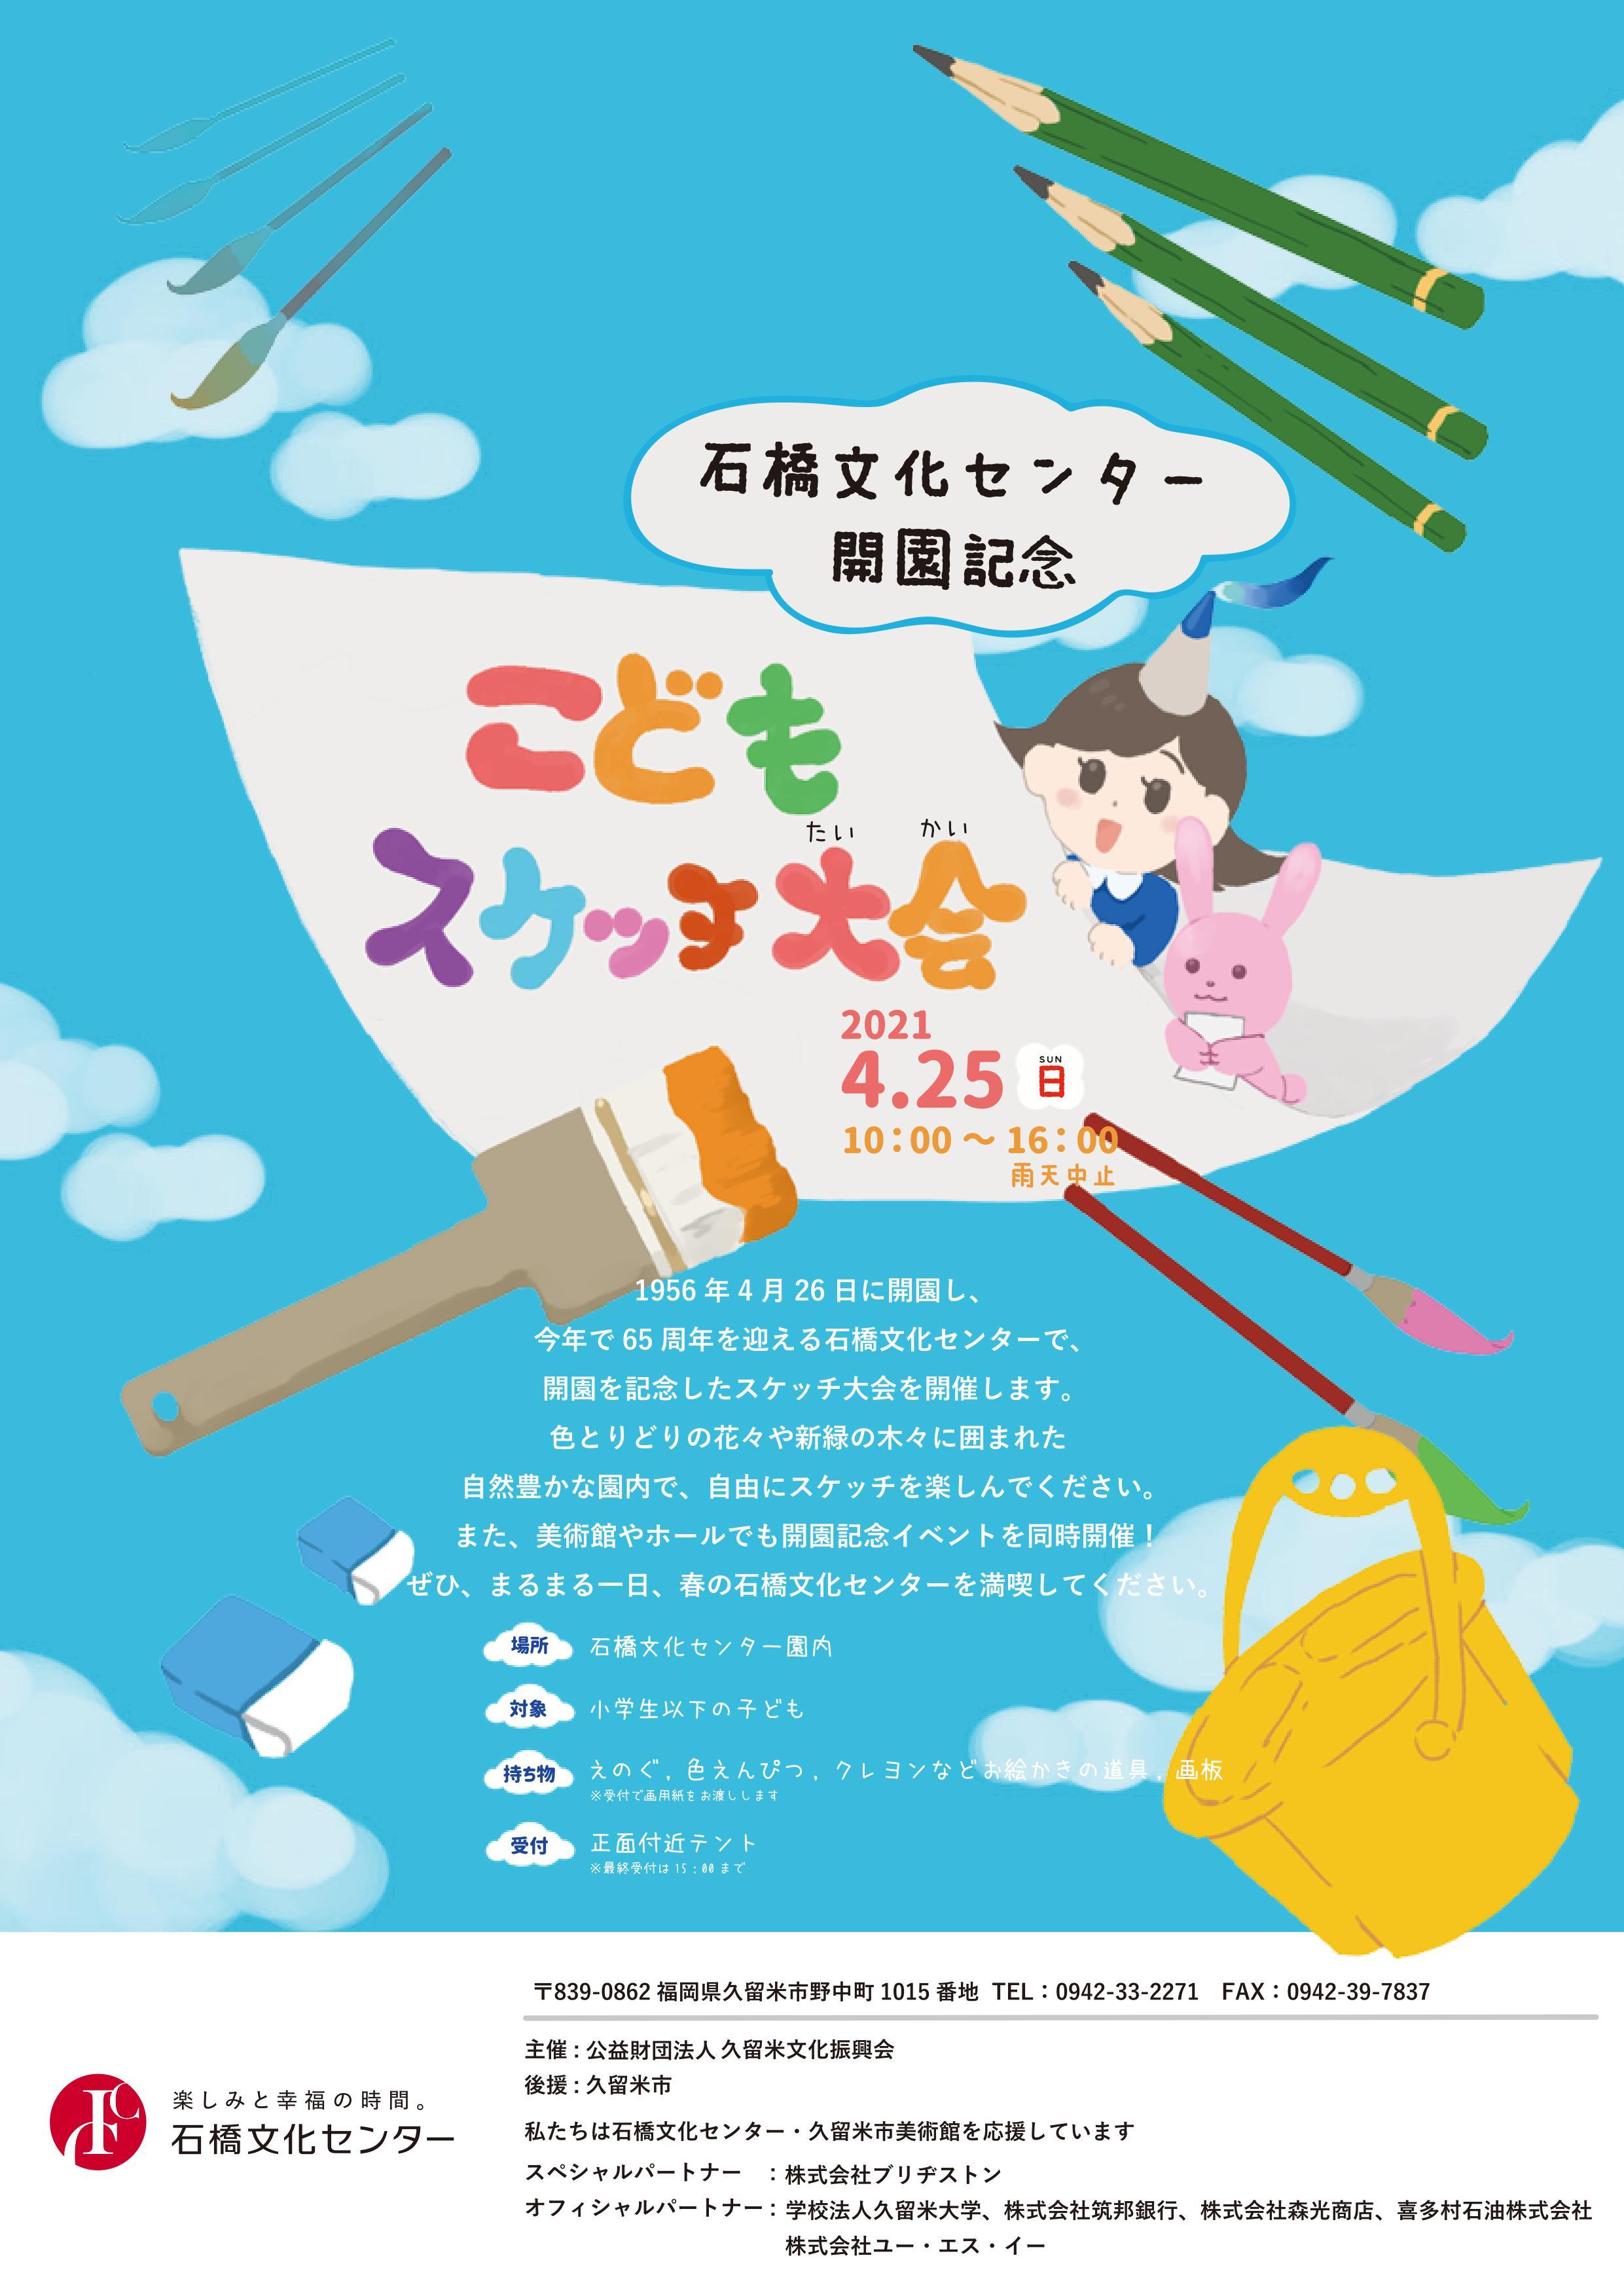 石橋文化センター開園記念『こどもスケッチ大会』